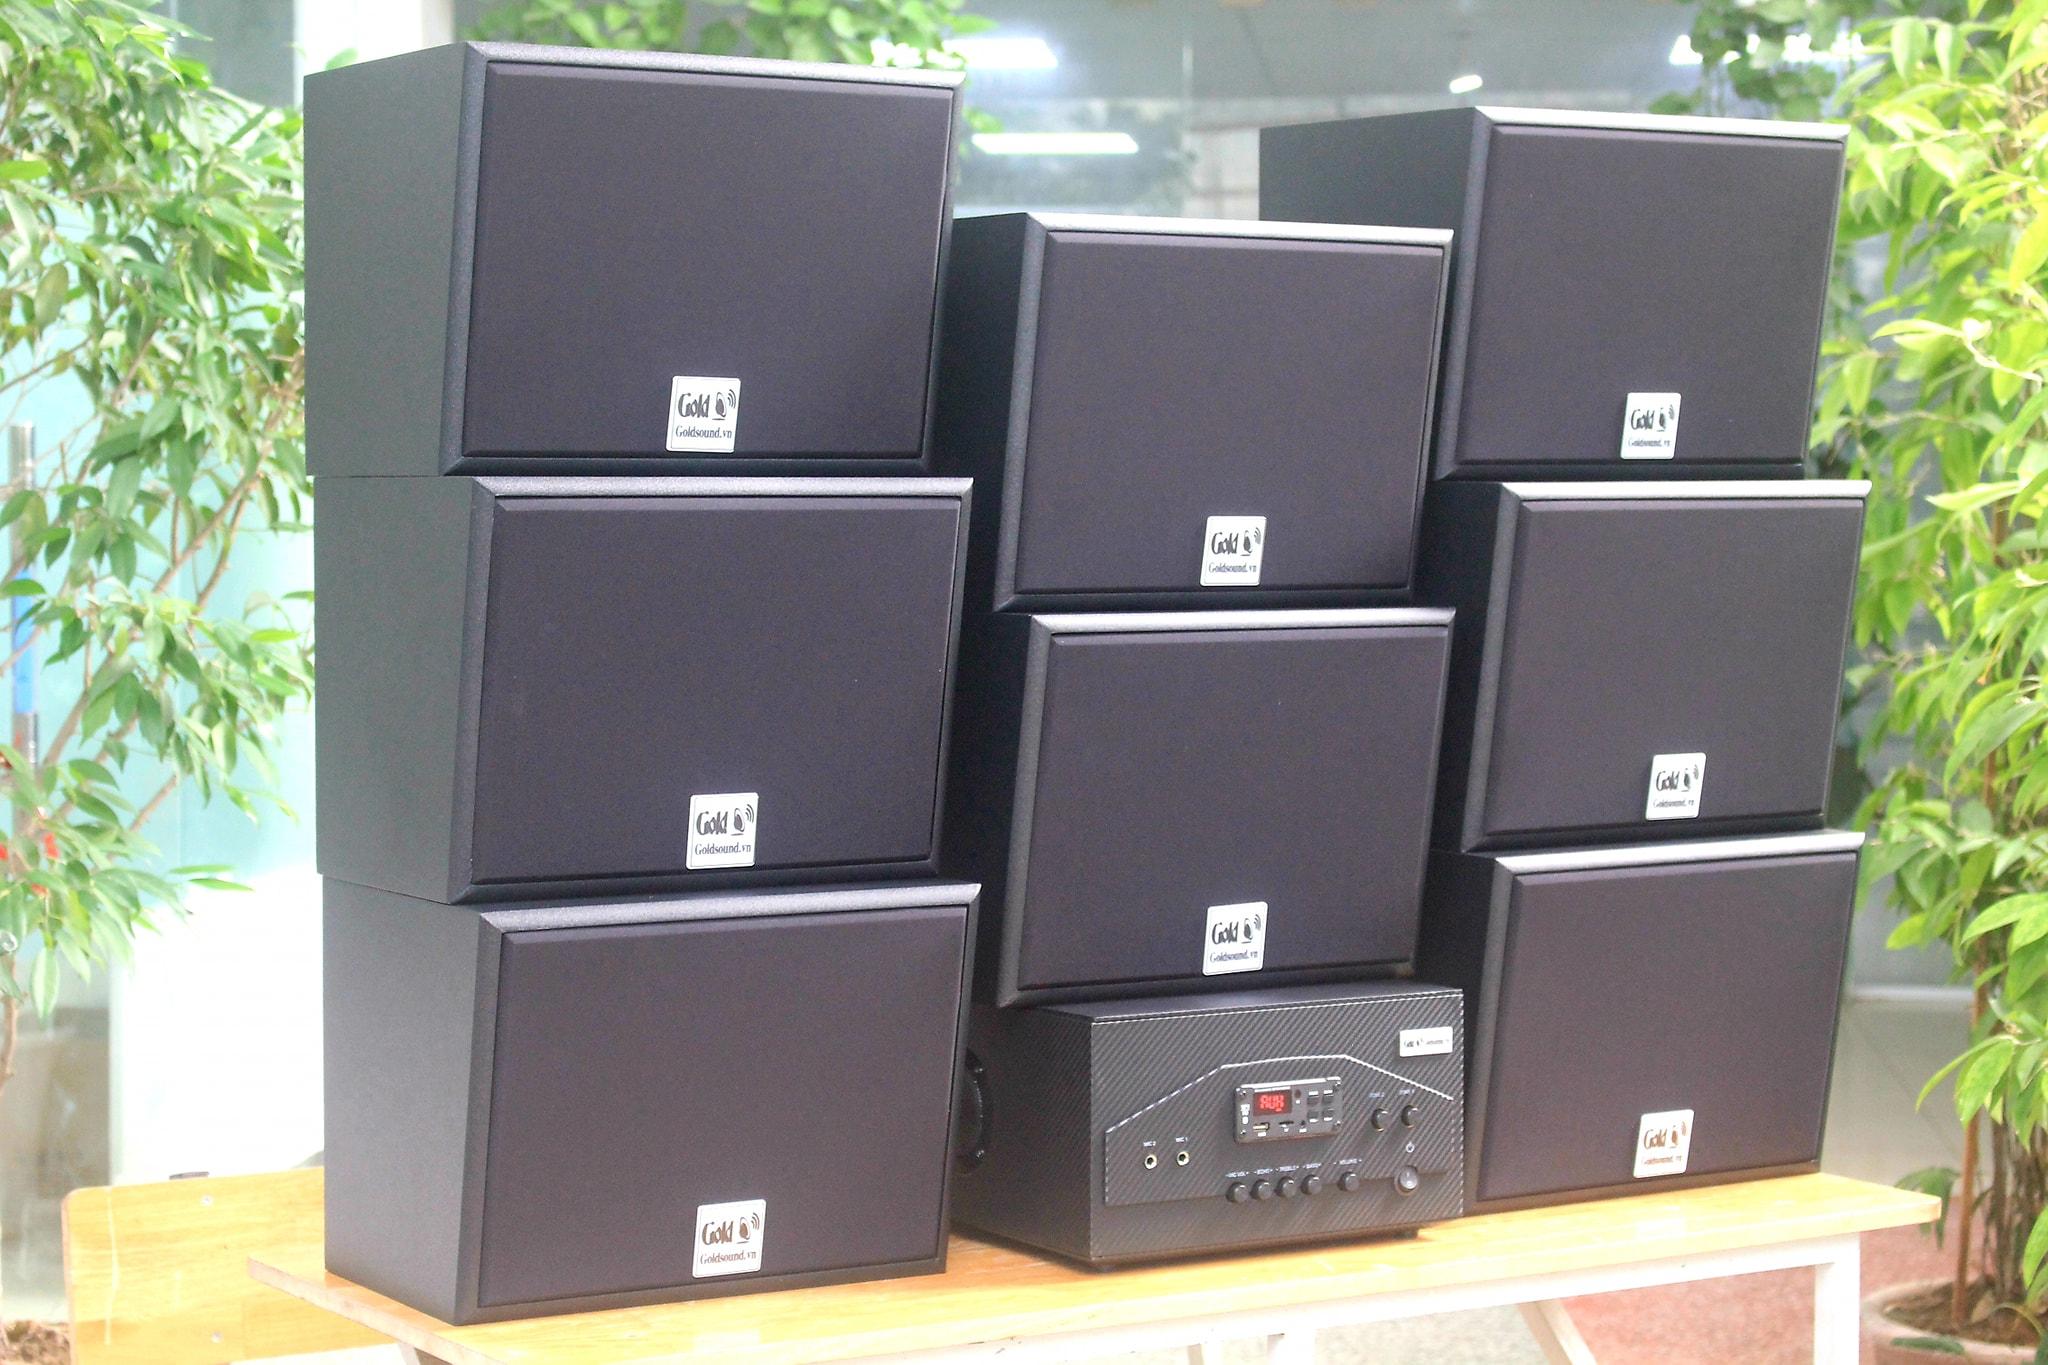 Loa cafe, loa nhà hàng: GIẢM 30% Lắp trọn gói Combo dàn âm thanh V130 chuyên dụng lắp QUÁN CAFE, PUB, HỘI TRƯỜNG, SPA, GYM.. rộng từ 40m2 - 200m2